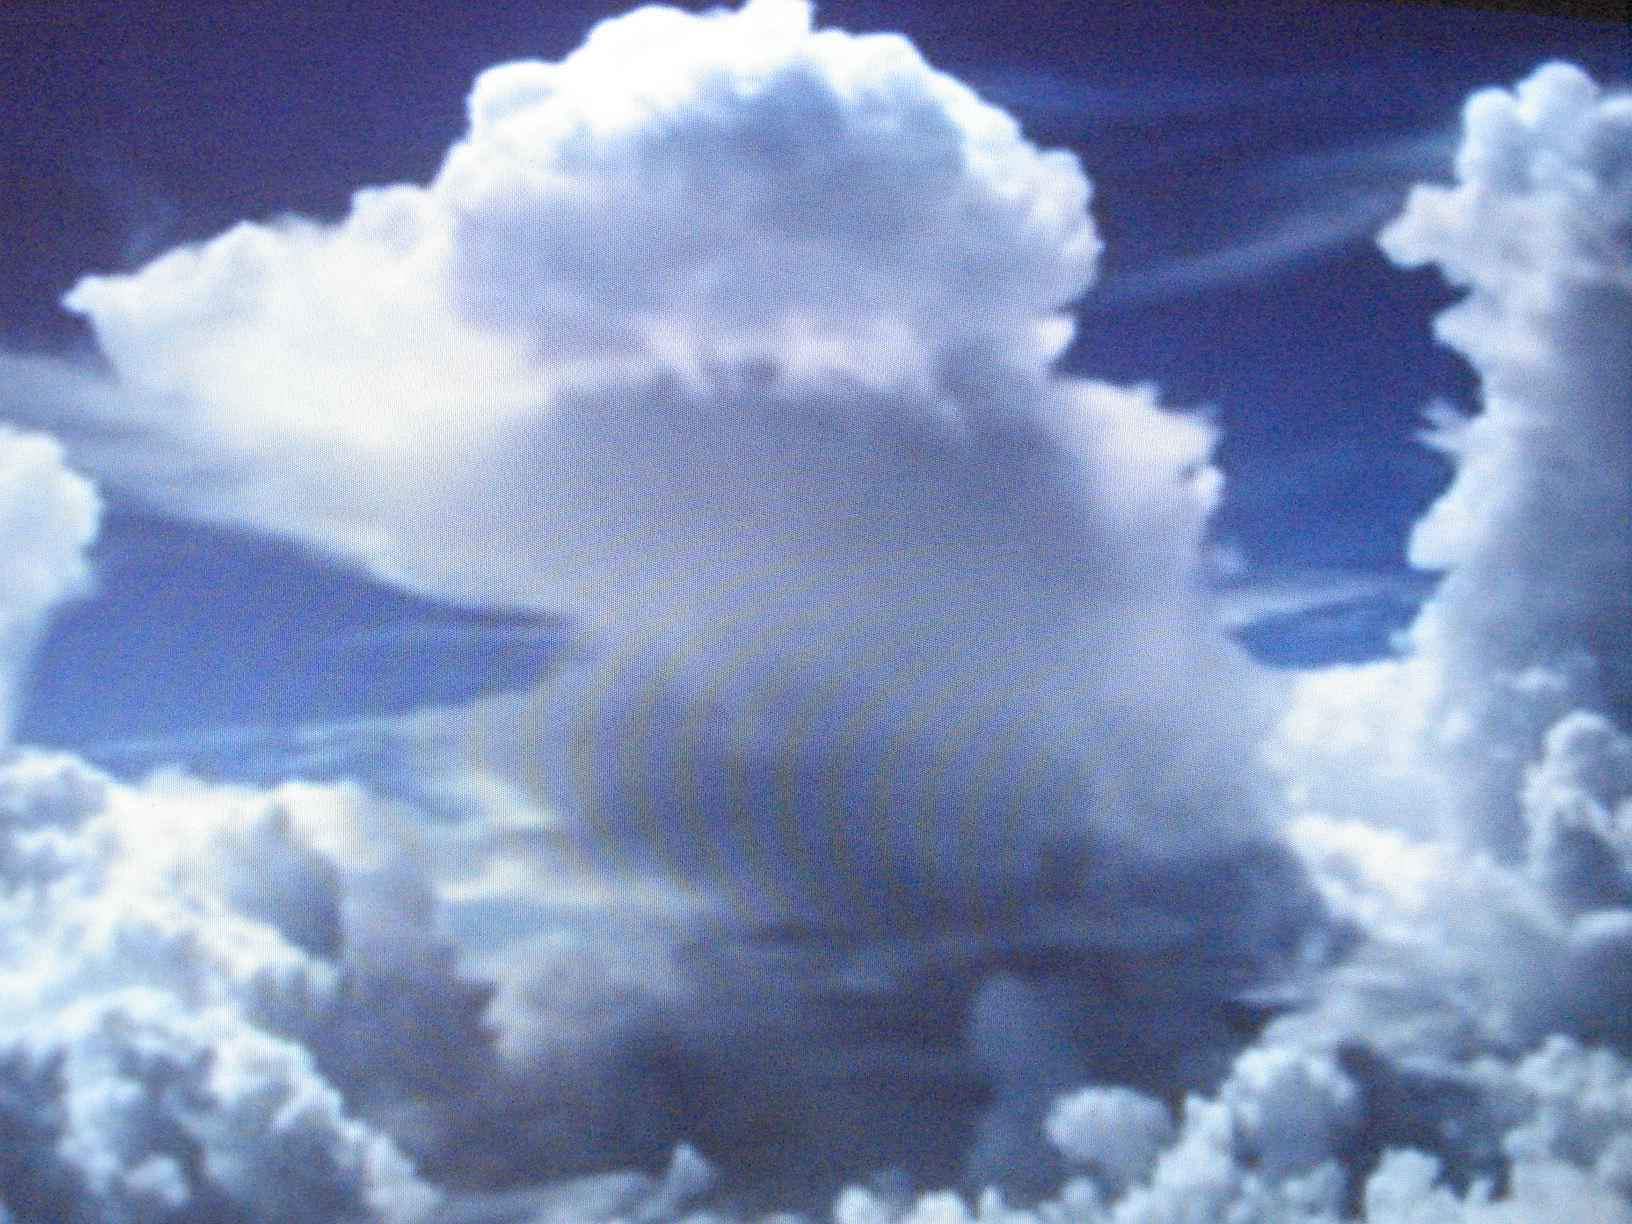 Las nubes espectaculares, la caza de los peces espada, las ballenas, los lobos marinos, las morsas, incalculable número de animales de variadas especies, a disposición en un mismo video, en la misma pantalla.